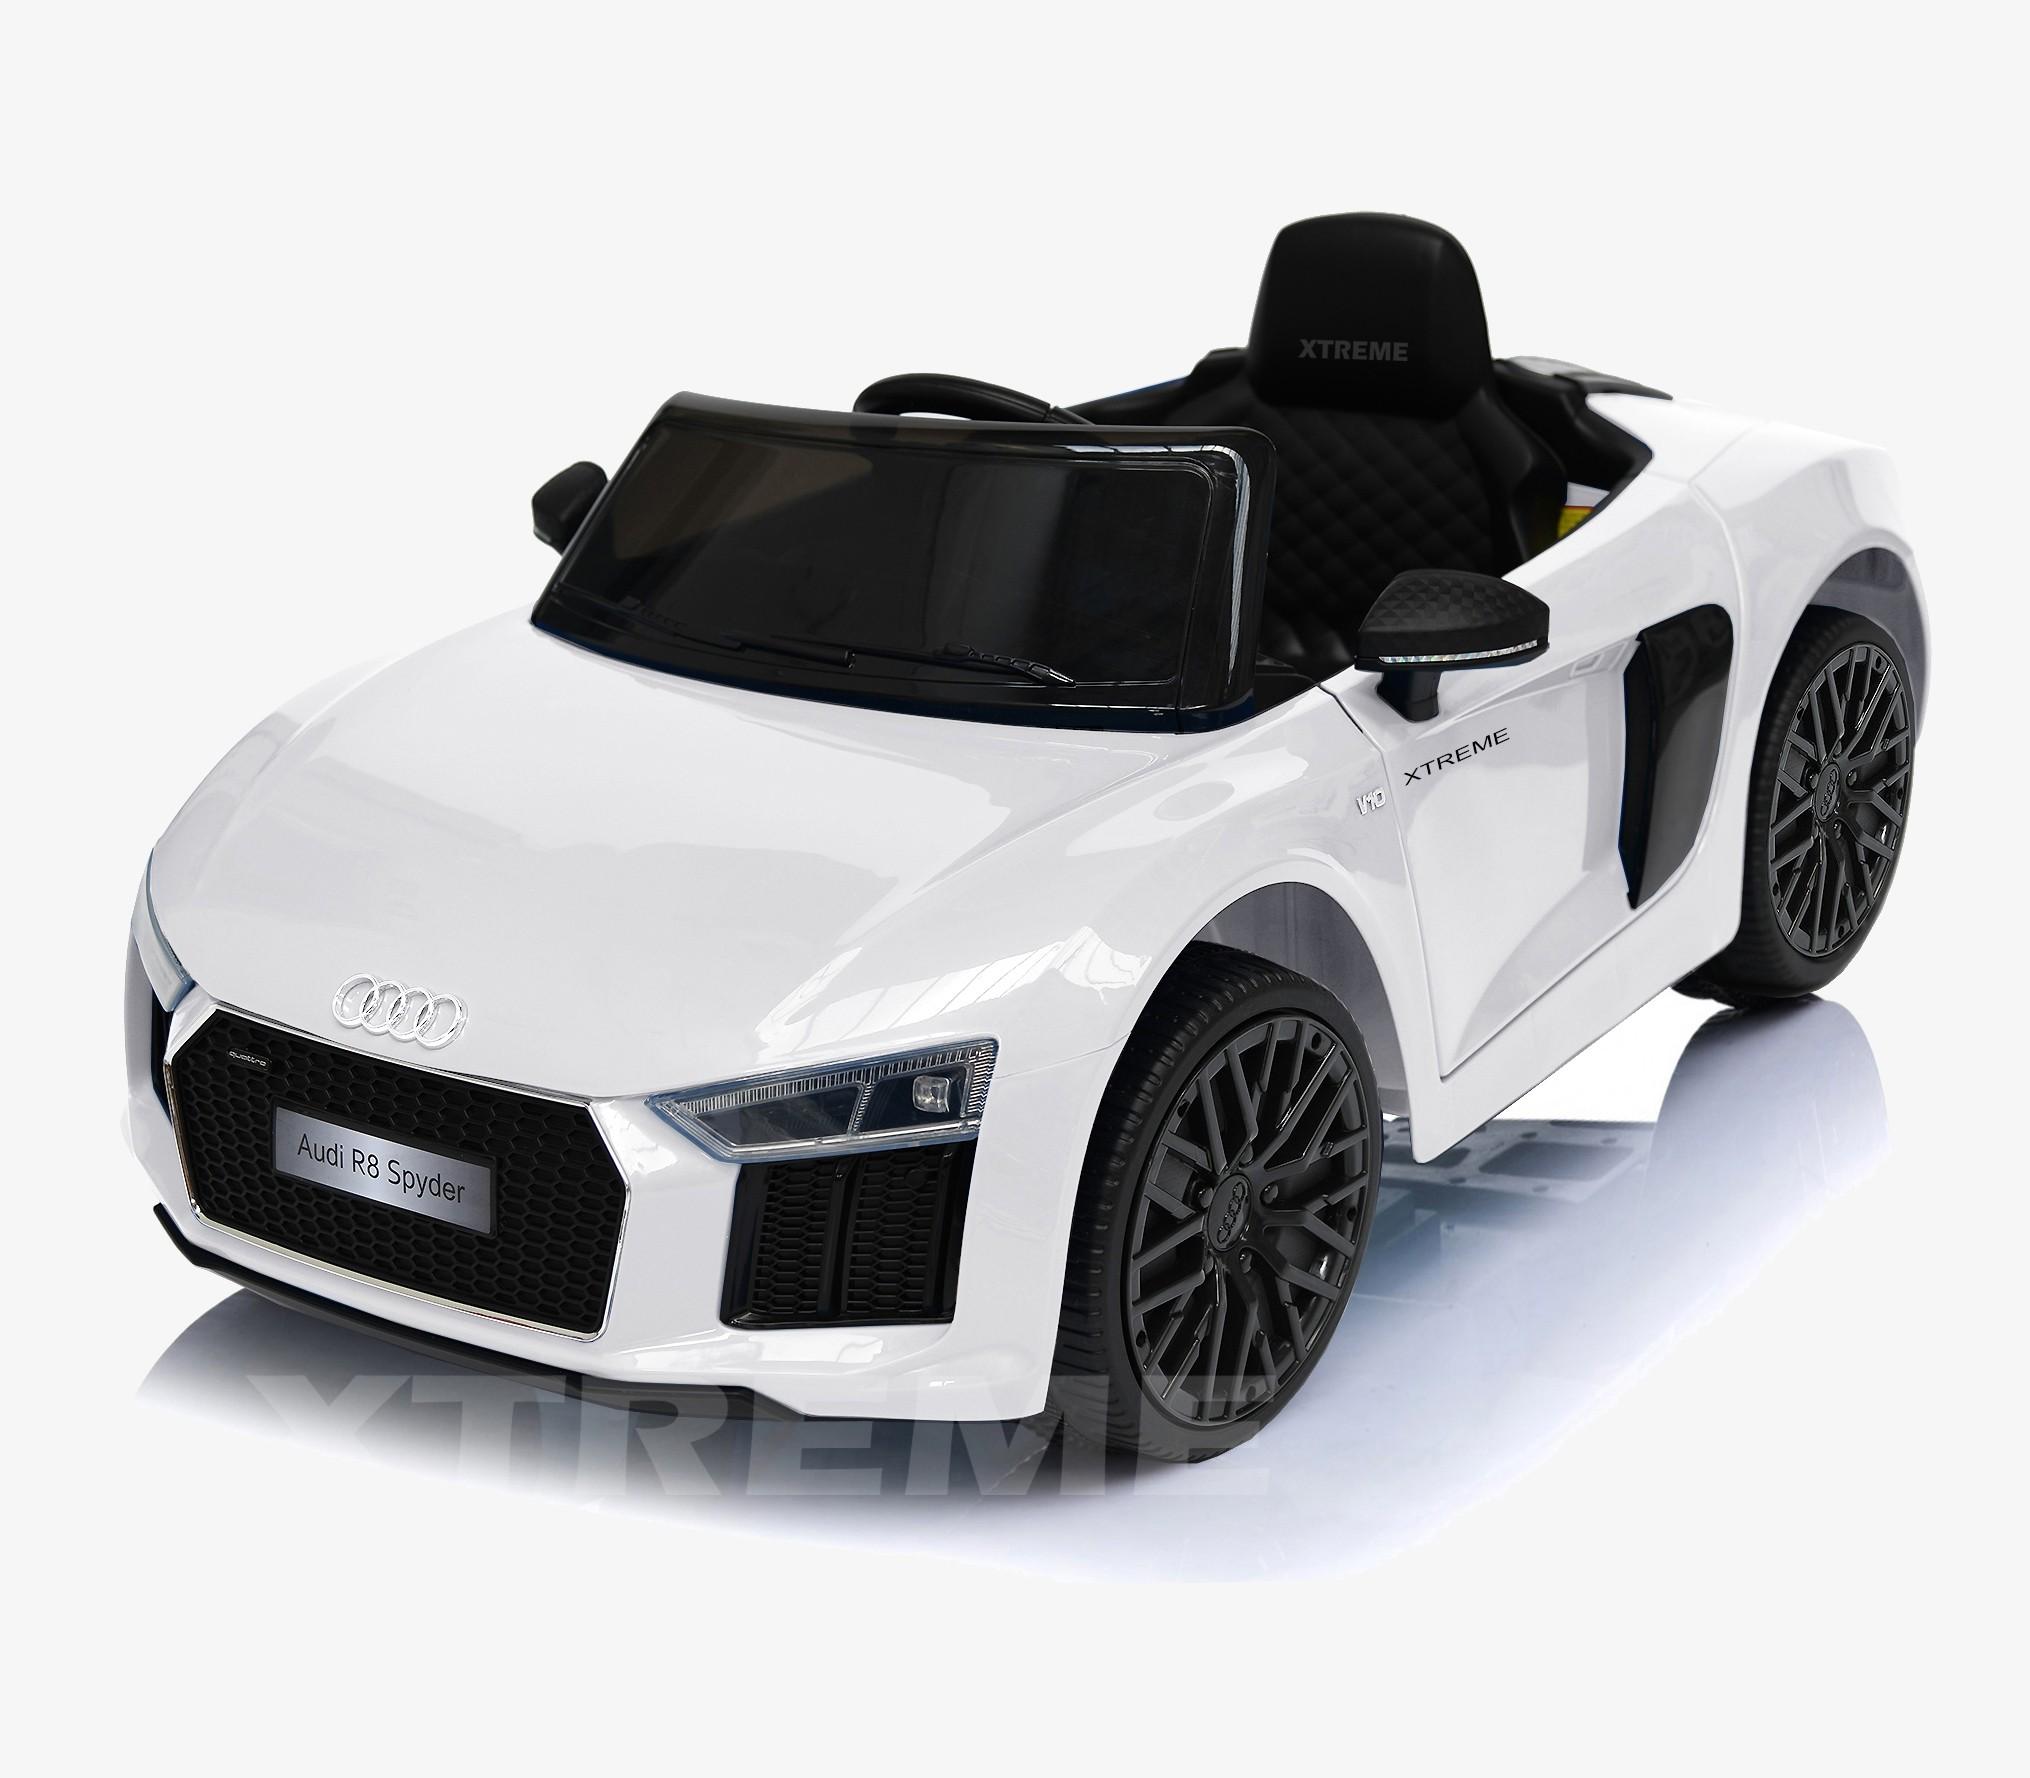 Xtreme 12v Official Licensed Audi R8 Spyder Ride on Car White Single Headrest